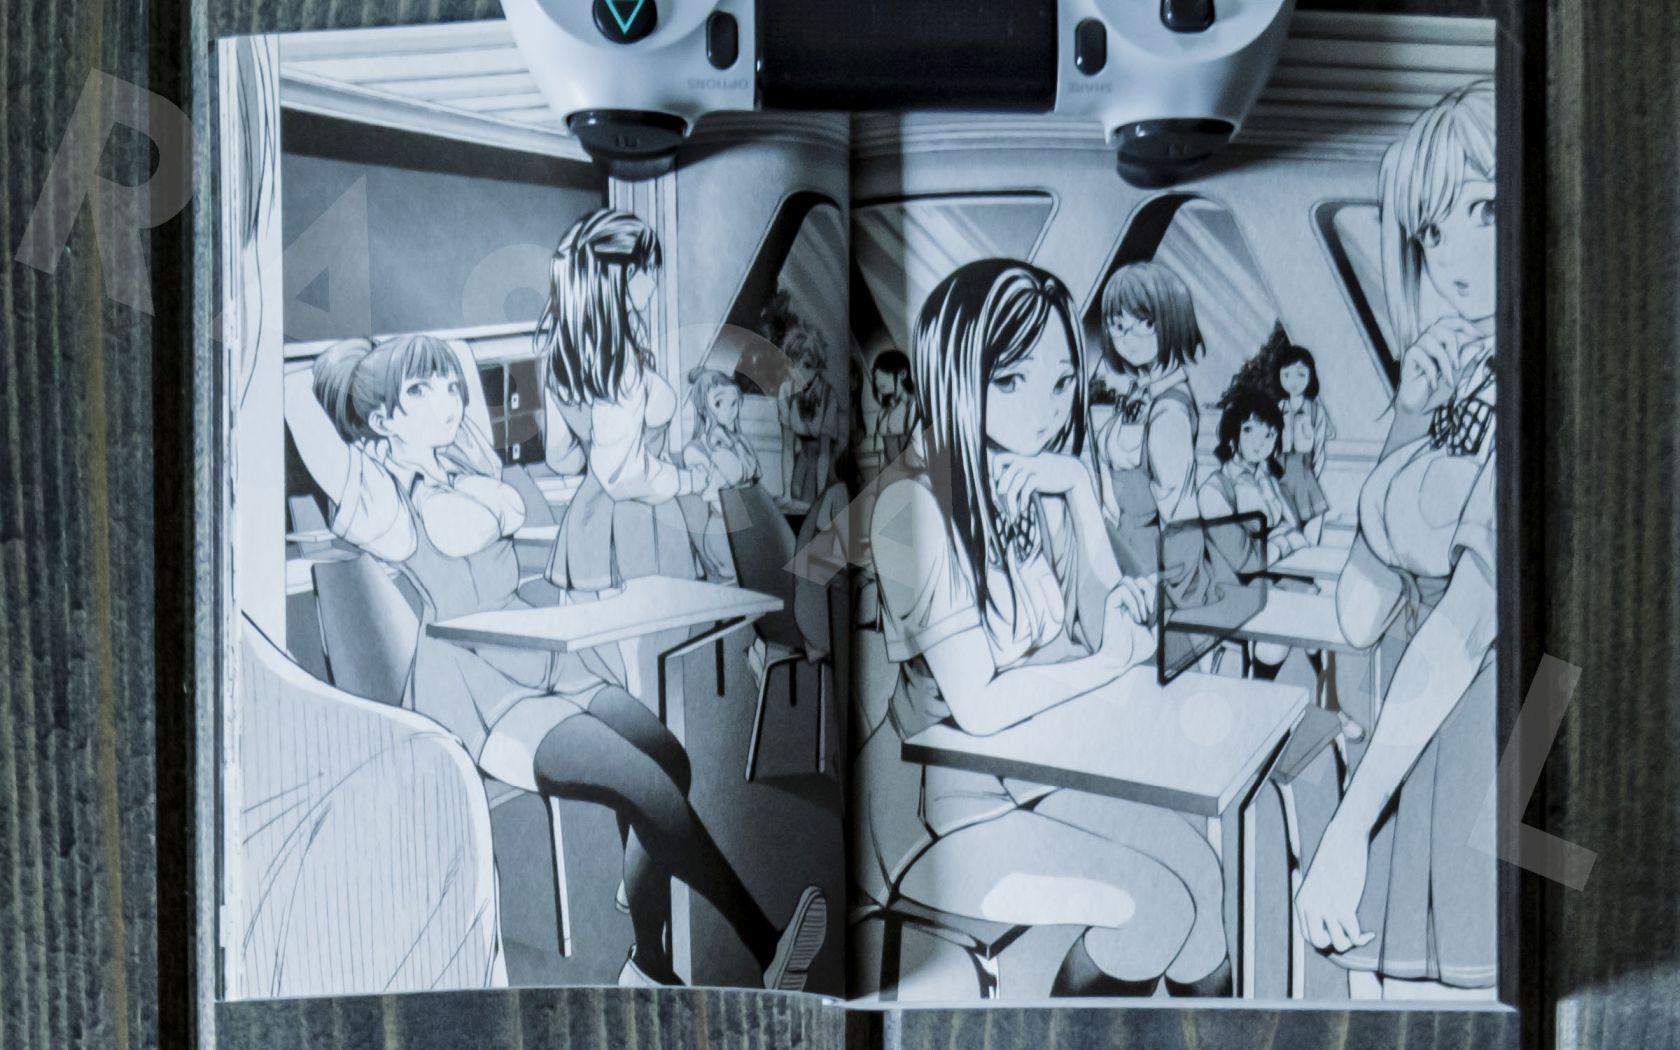 Shuumatsu no Harem (1,2) - Ghost Ship - Nowości w kolekcji mangi (listopad 2020) - rascal.pl